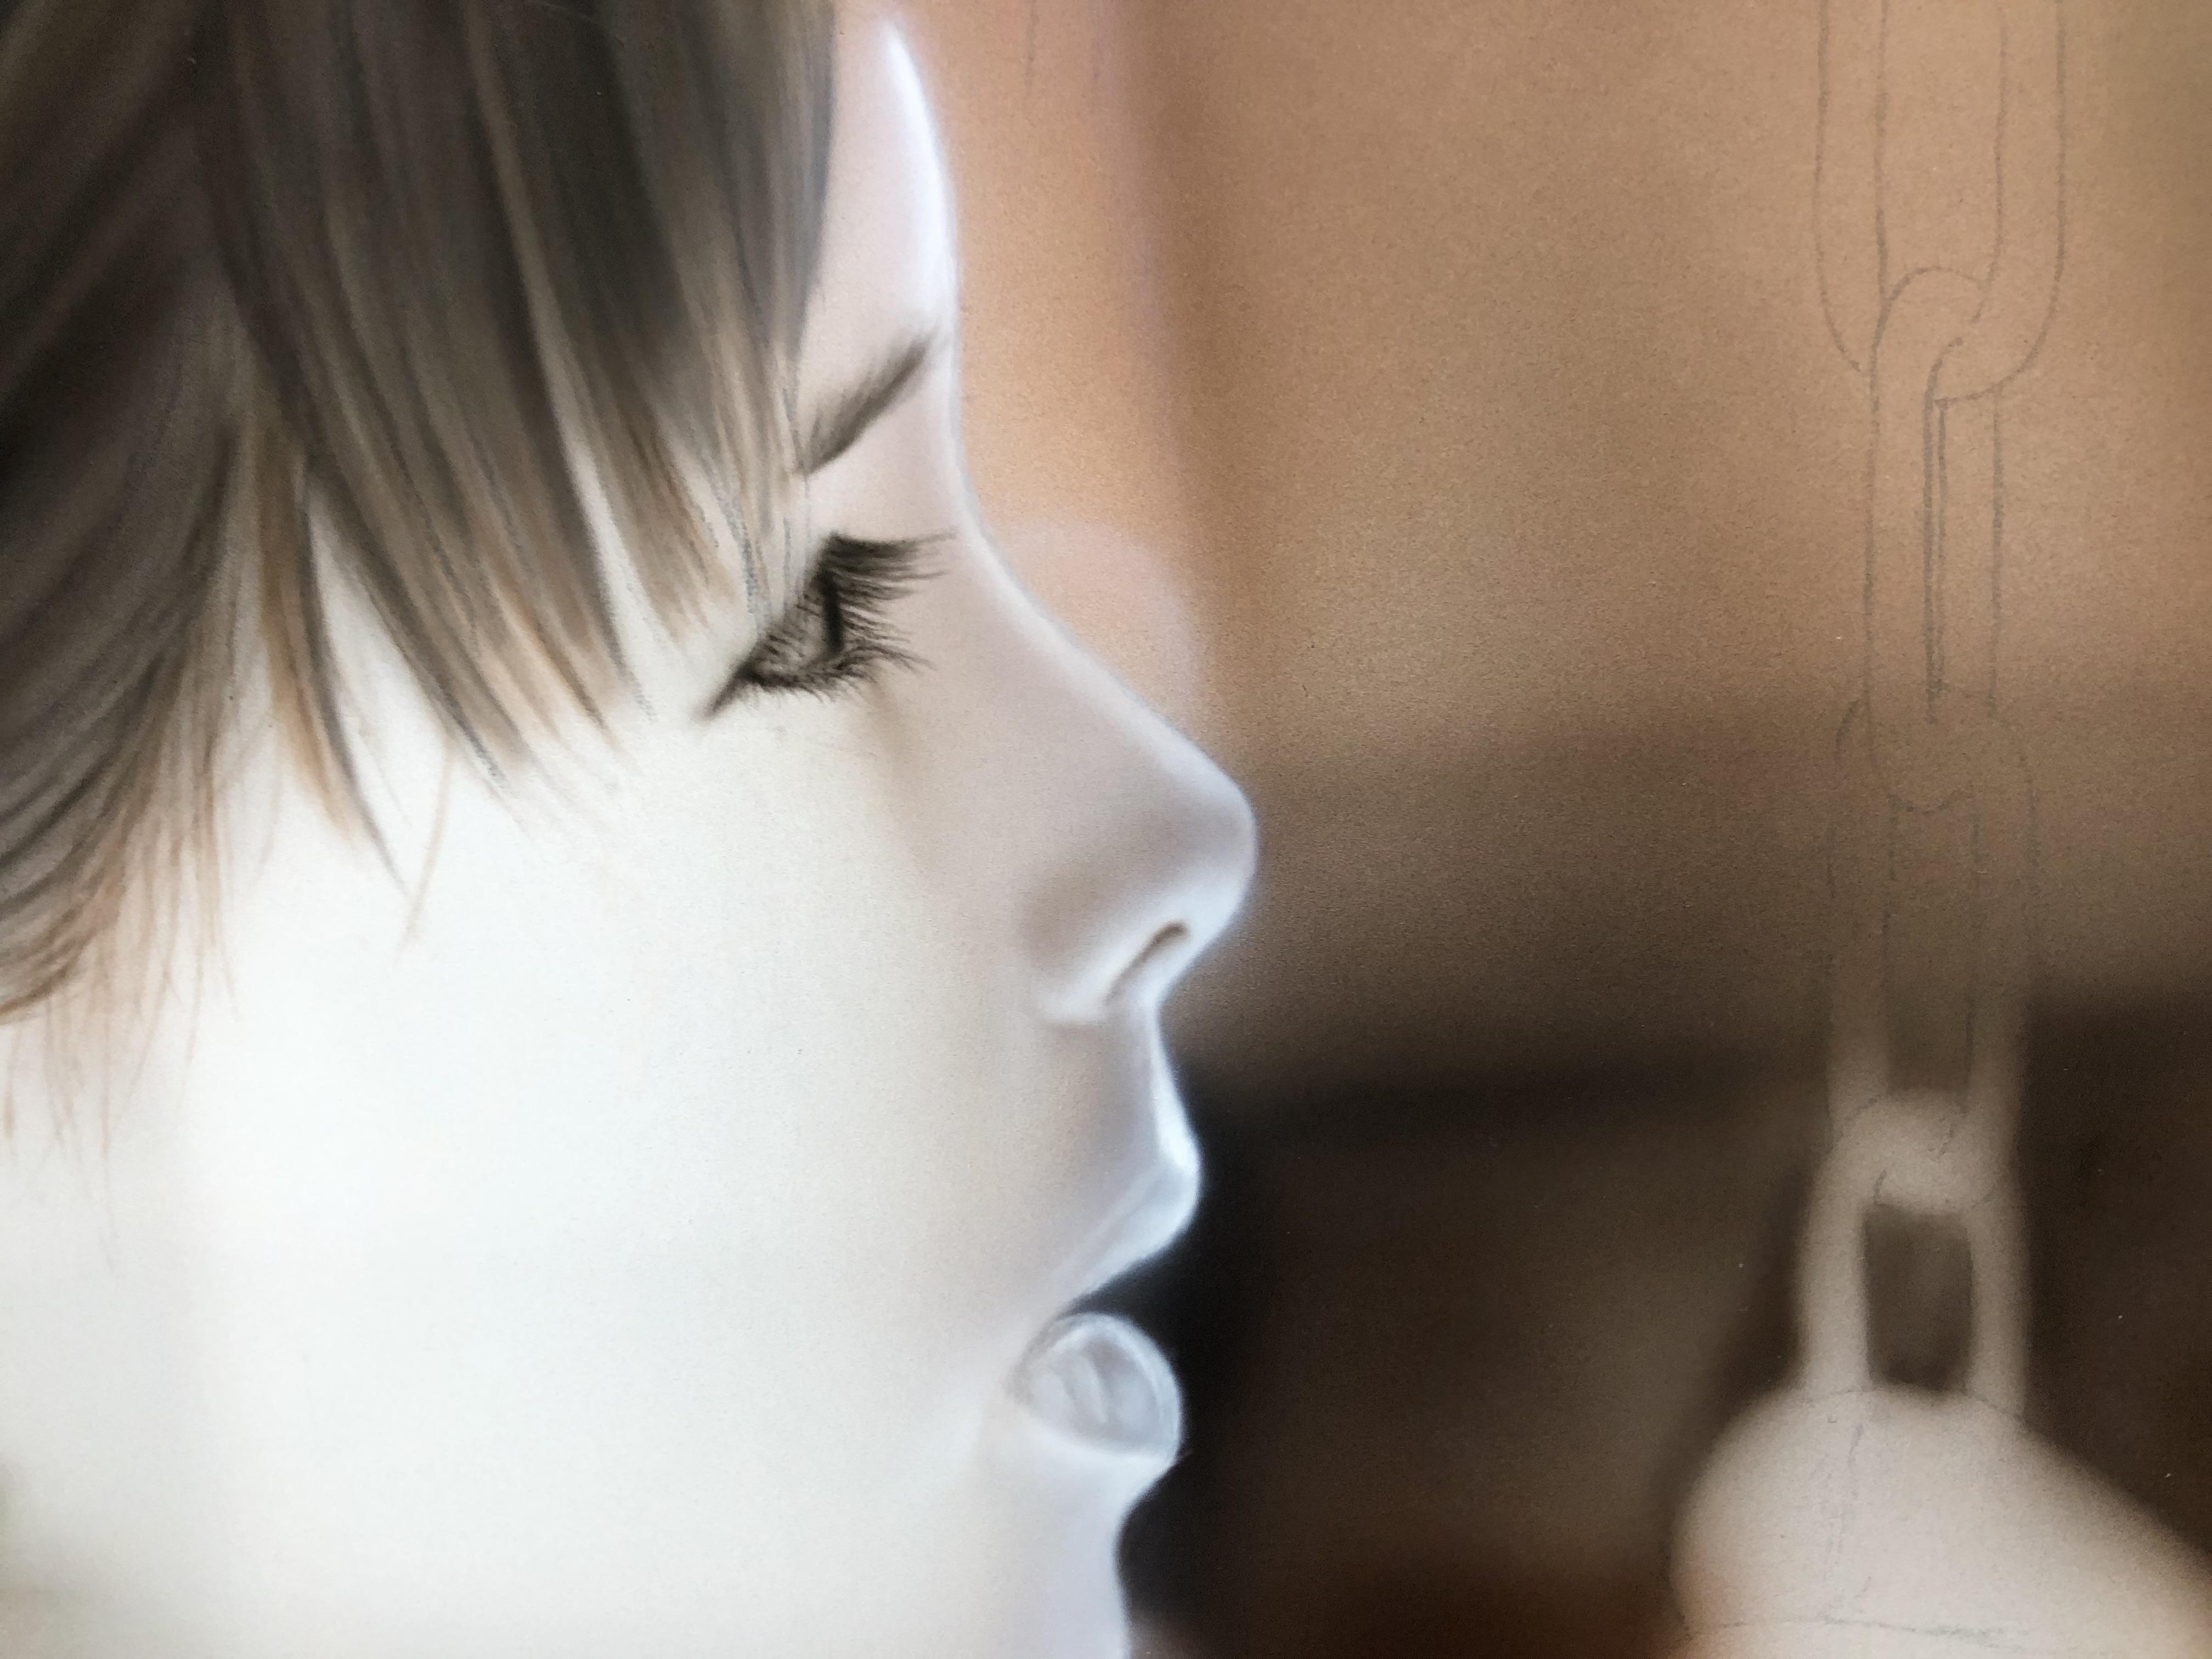 エアブラシアート人物画編肌の描き方